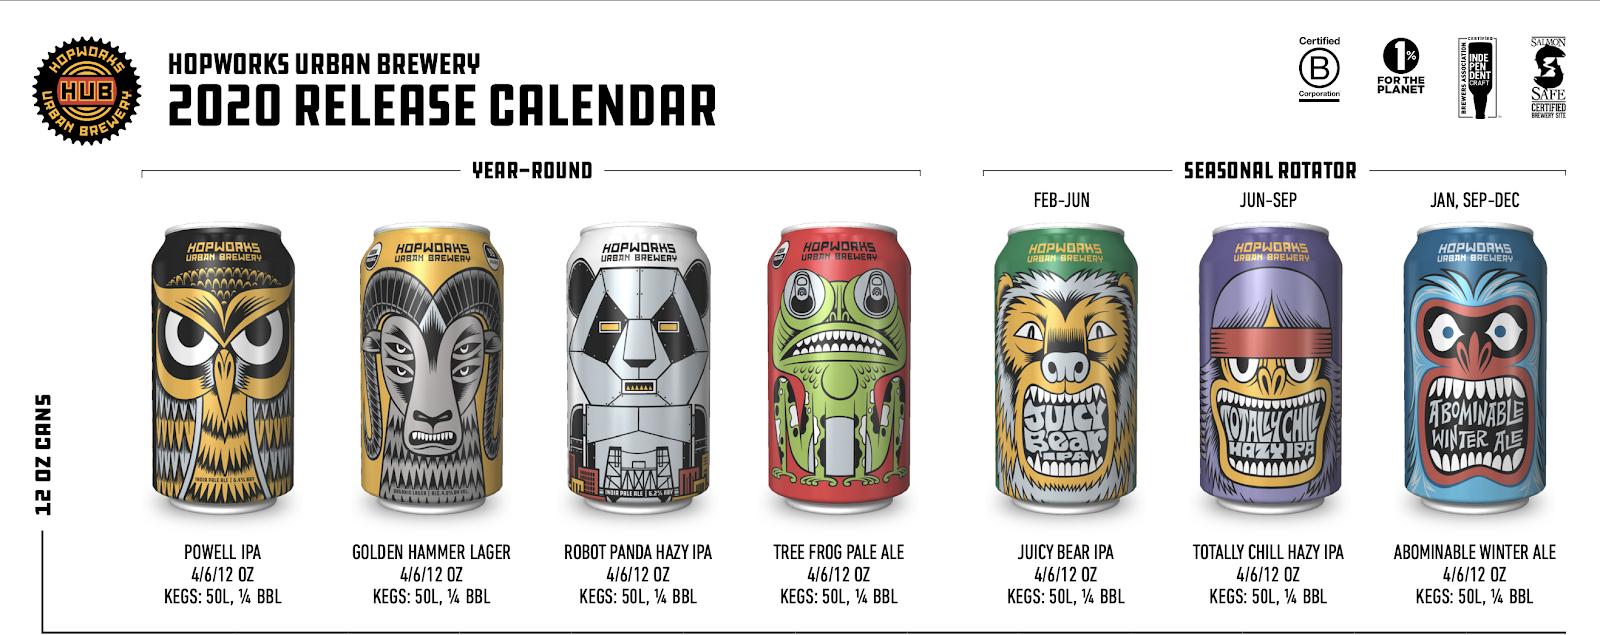 Hopworks Urban Brewery 2020 Beer Release Calendar